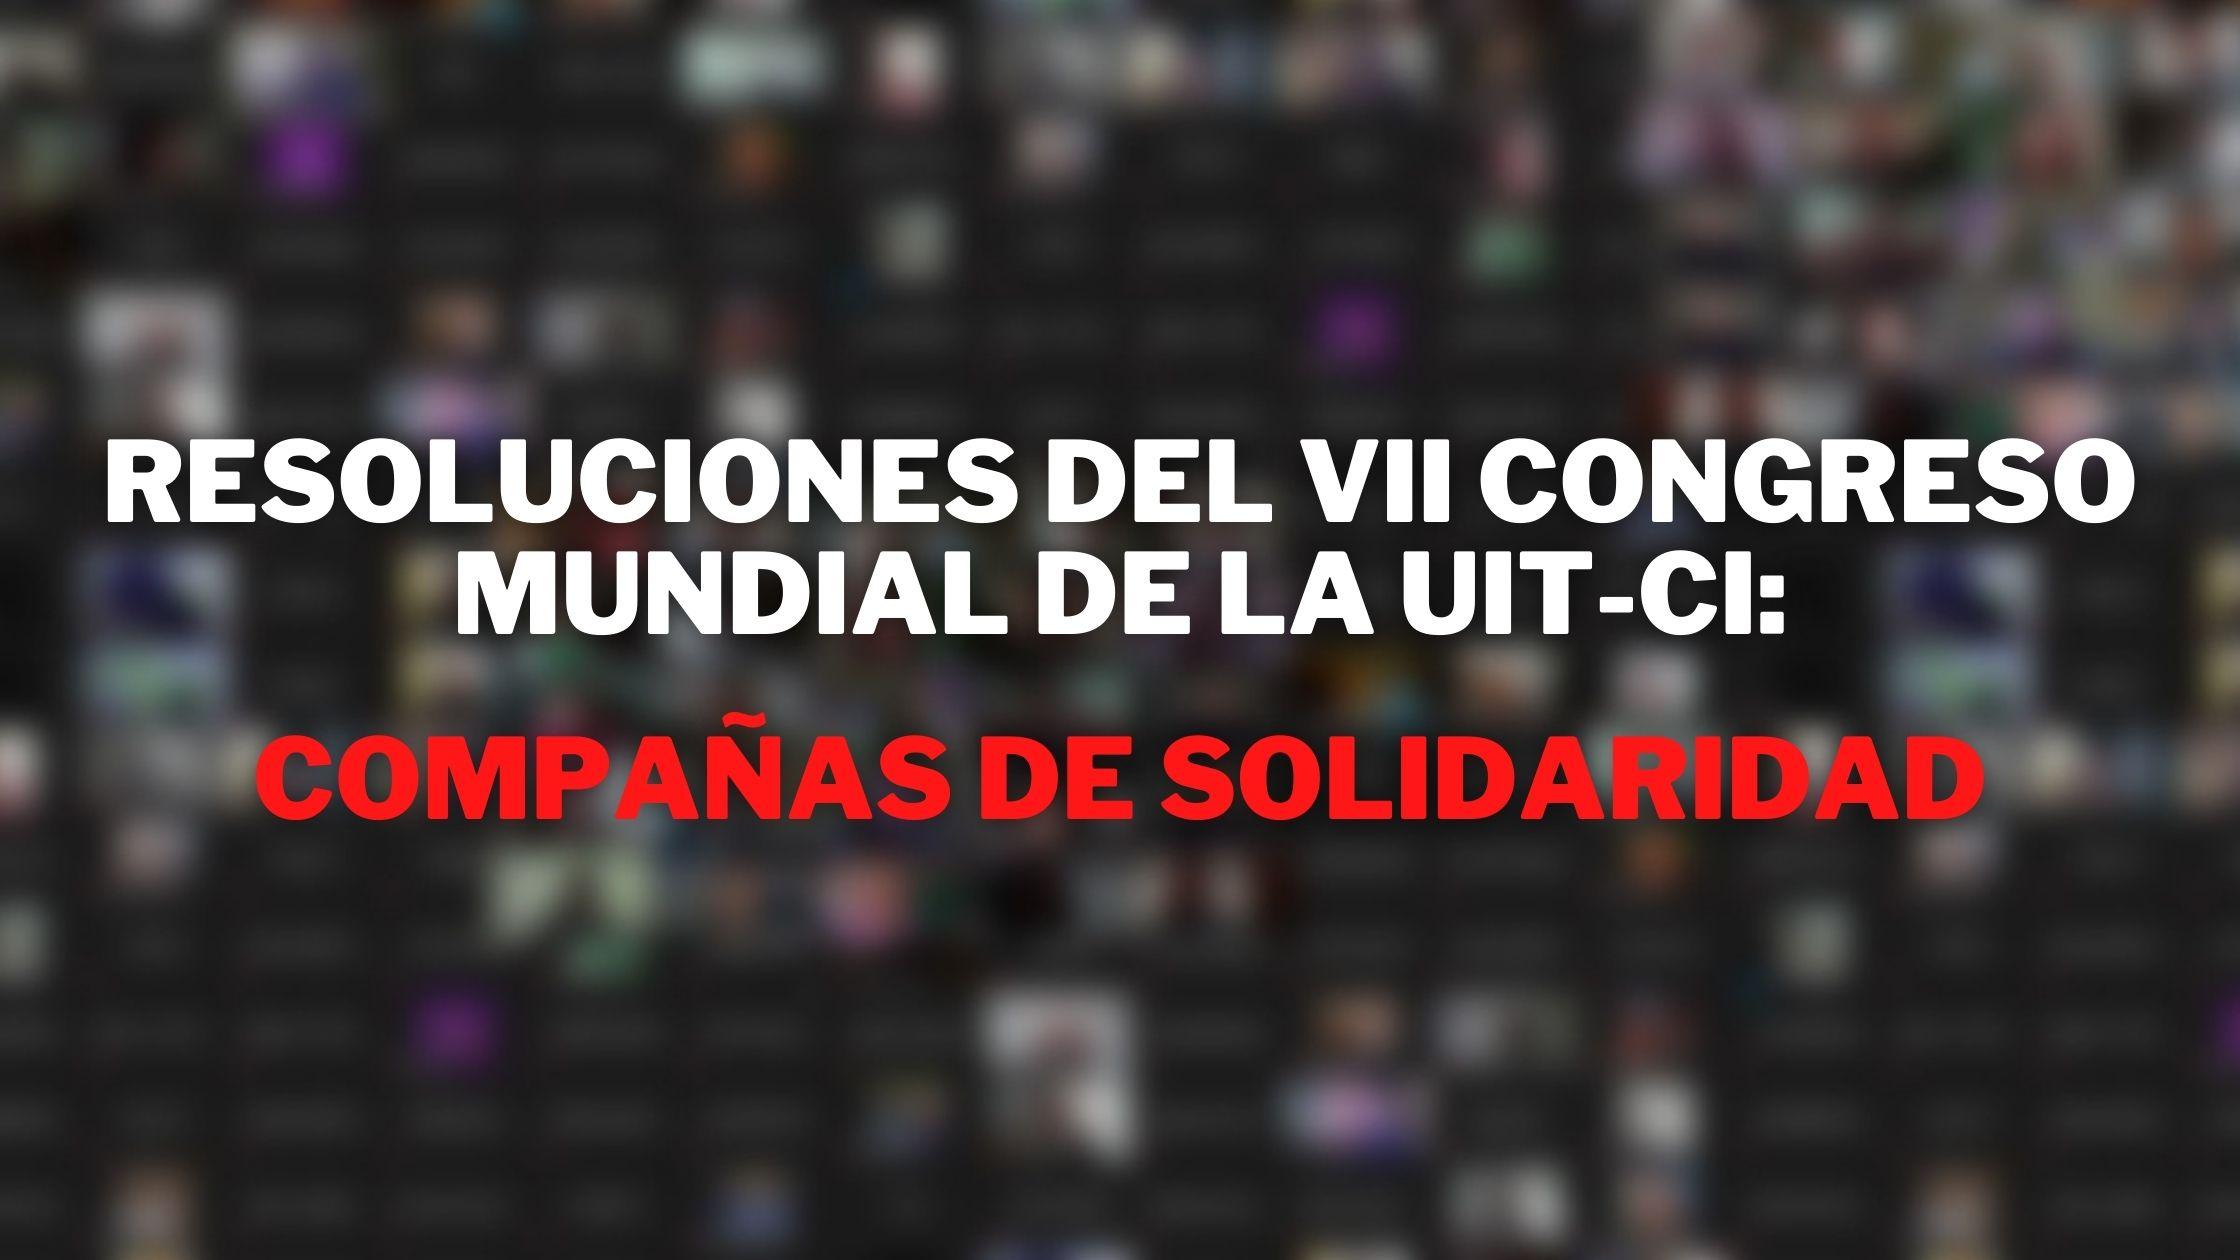 resoluciones del VII Congreso Mundial de la uit-ci  compañas de solidaridad